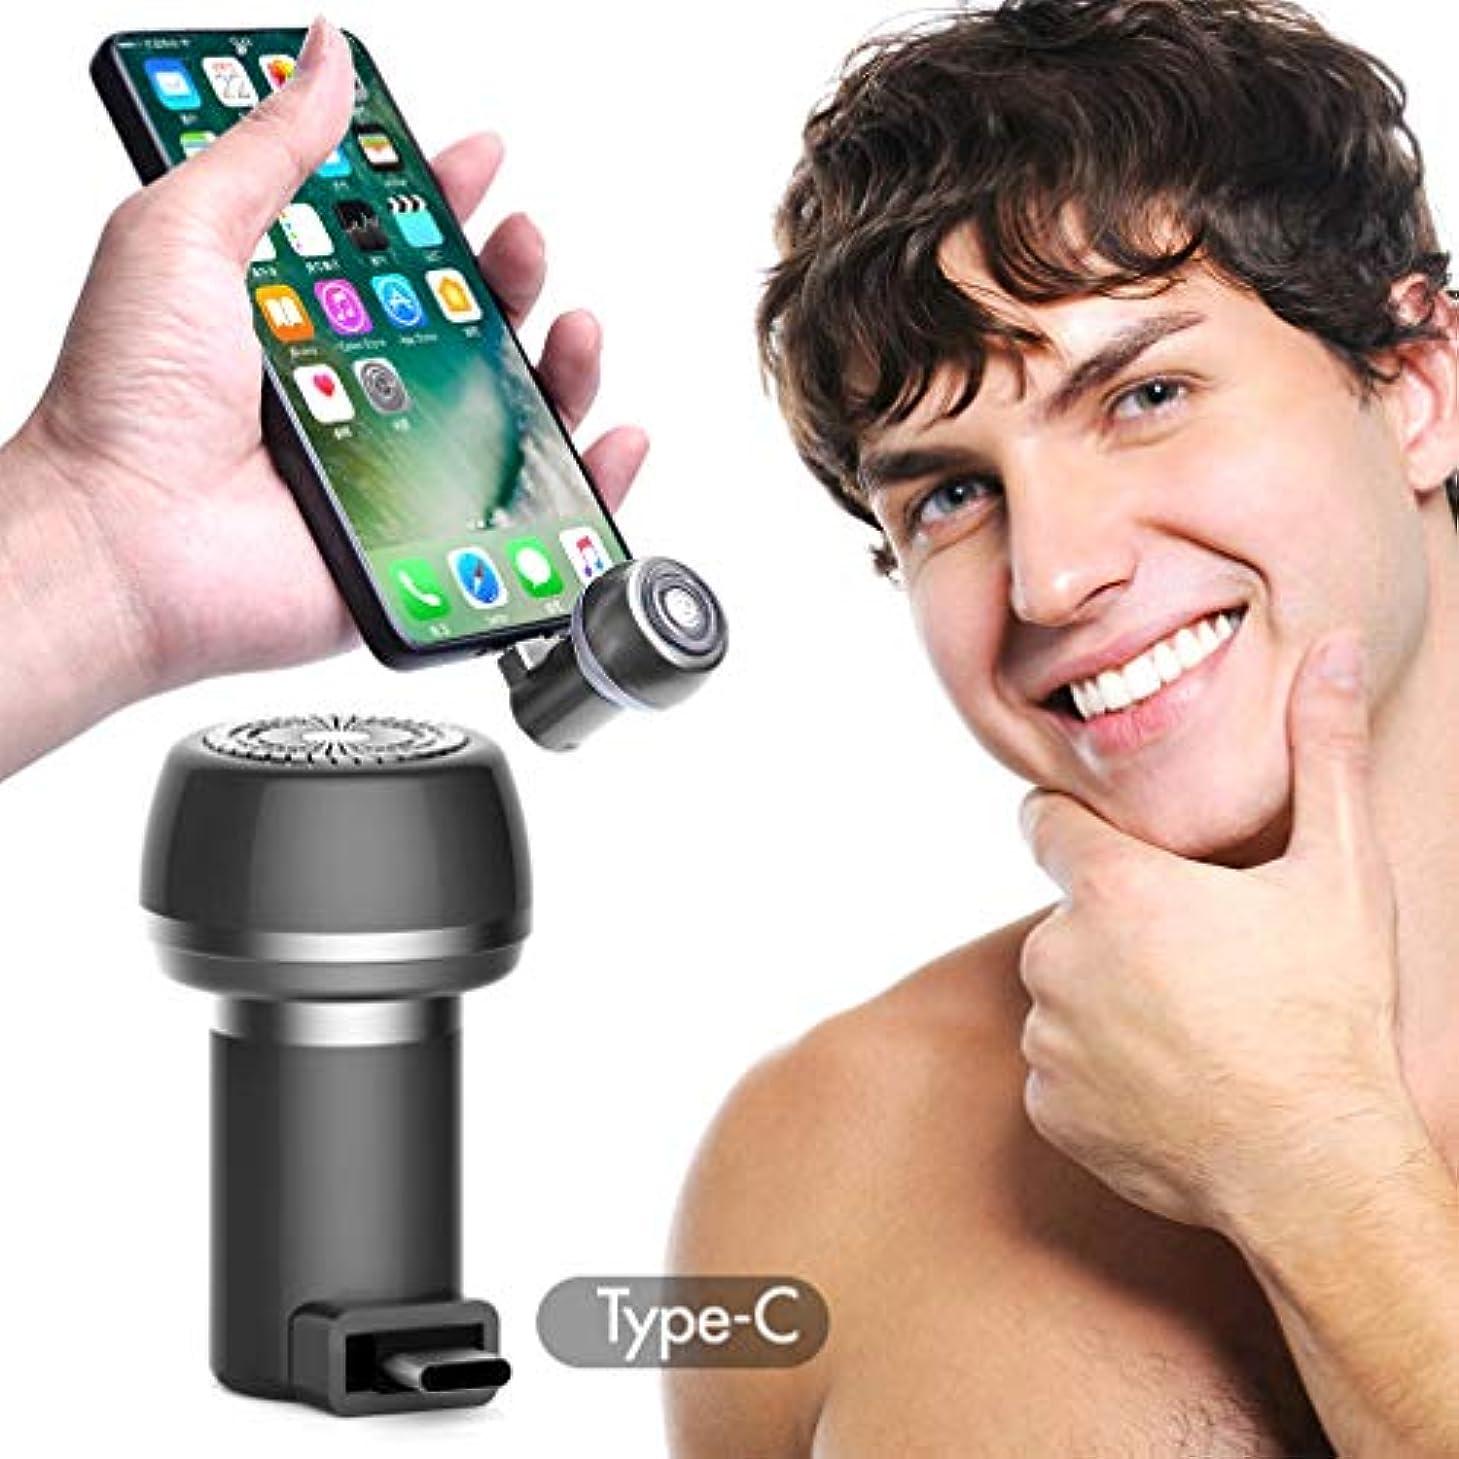 思いつく拒絶泥だらけメンズシェーバー 磁気電気シェーバー 電気シェーバー type-c/USB ポート 持ち運び便利 ビジネス 通勤用 洗い可 旅行する TYPE-C